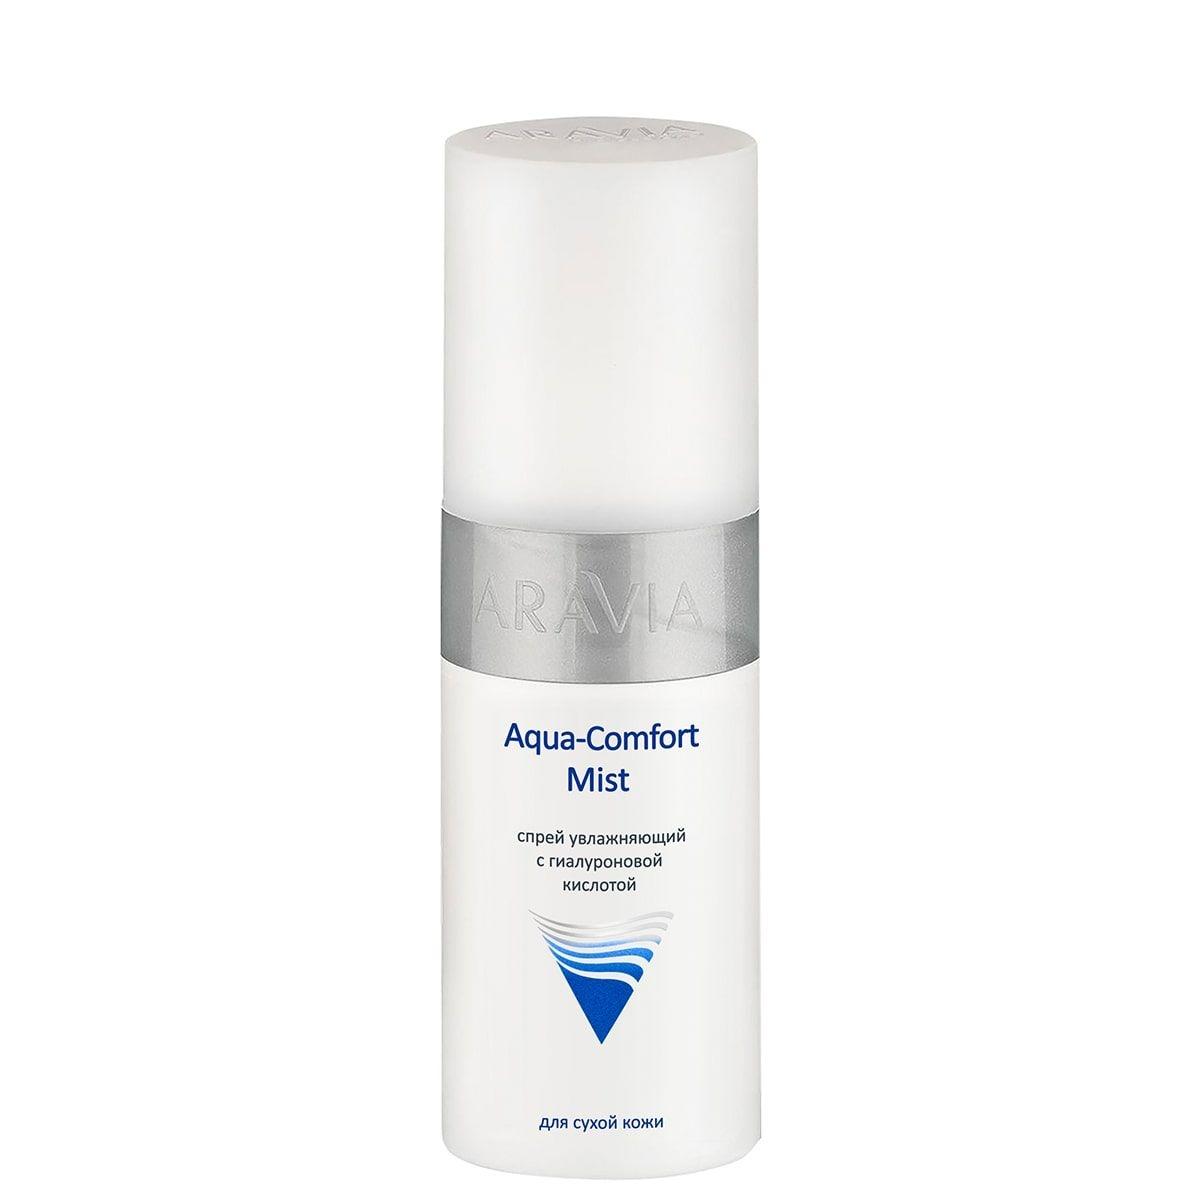 ARAVIA Спрей Aqua Comfort Mist Увлажняющий с Гиалуроновой Кислотой, 150 мл aravia professional мист aqua comfort 150 мл